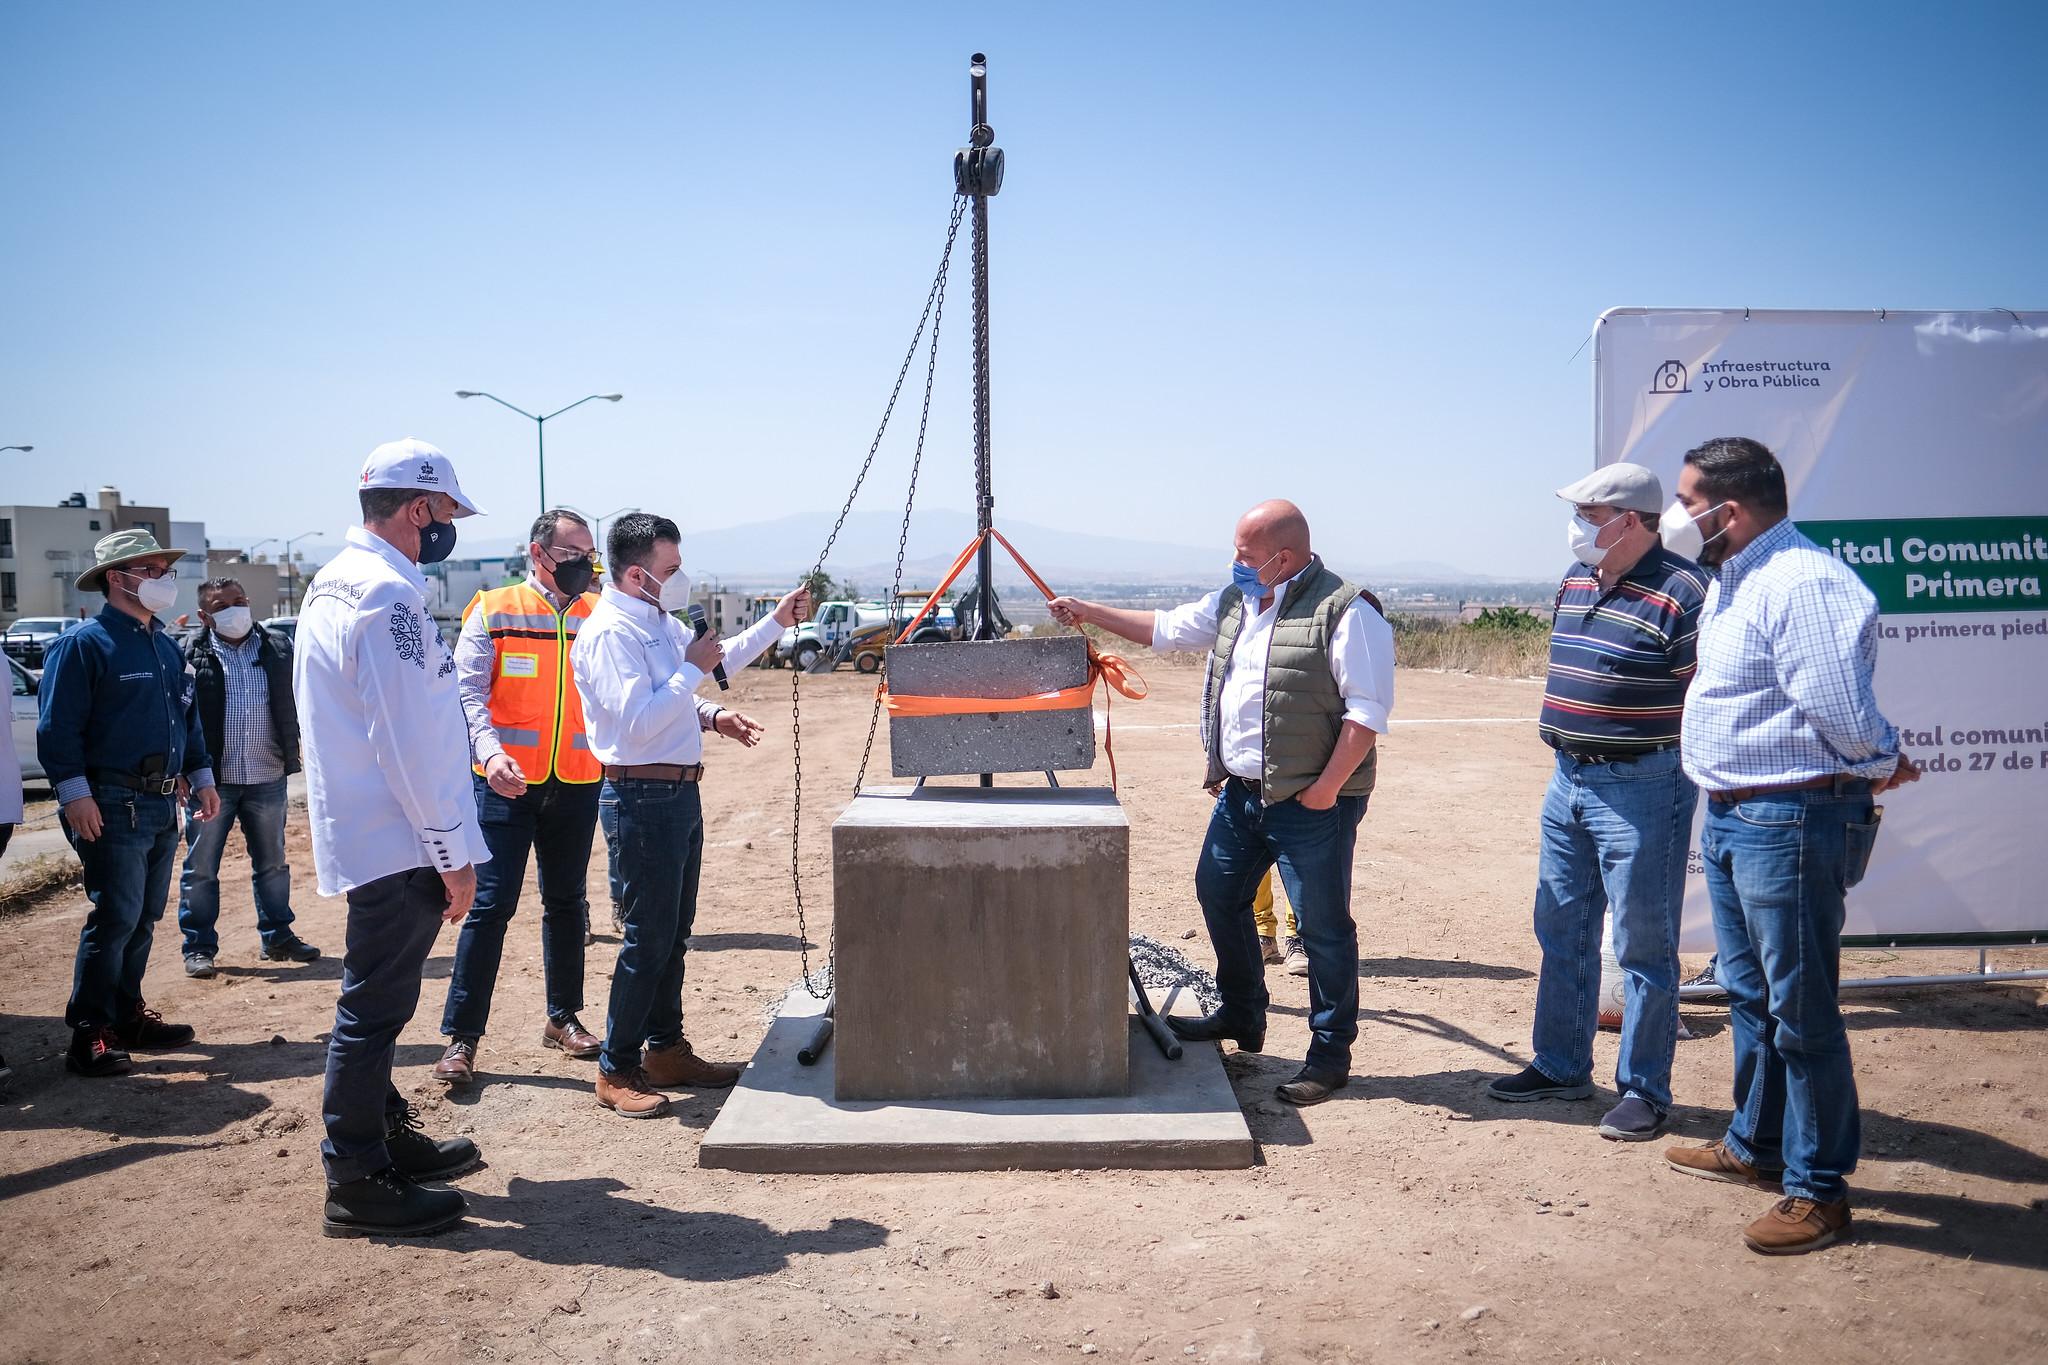 Ponen la primera piedra del Hospital Comunitario de El Salto, Enrique Alfaro y Ricardo Santillán